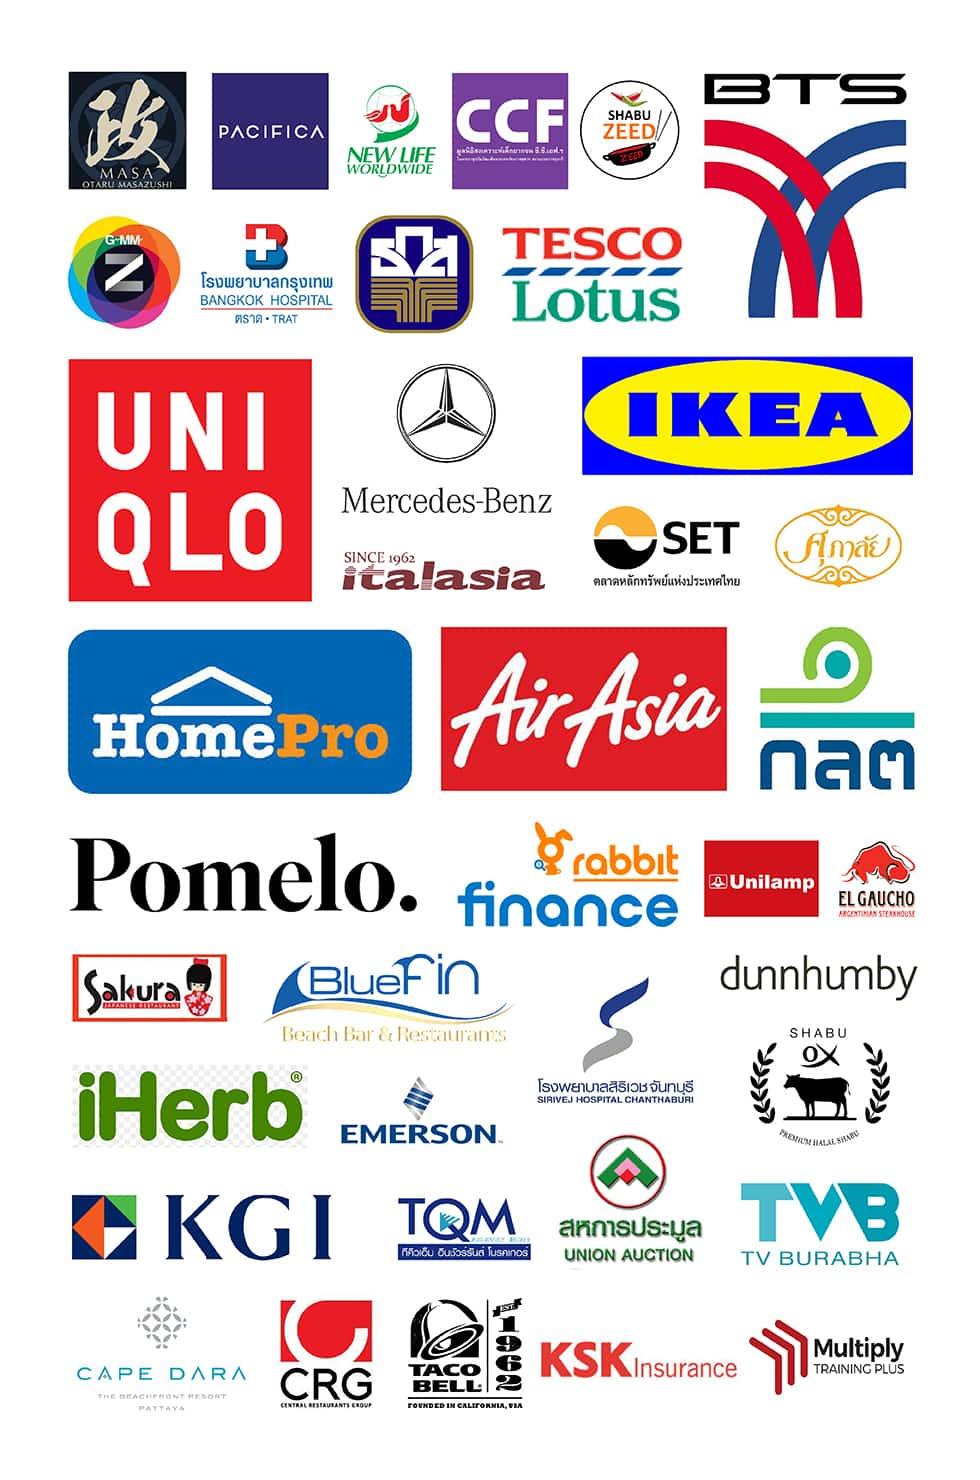 รูป Ricco LogoCustomer Website 980x1480px 03 - ประกอบเนื้อหา รายนามลูกค้าที่เคยใช้บริการกับเรา